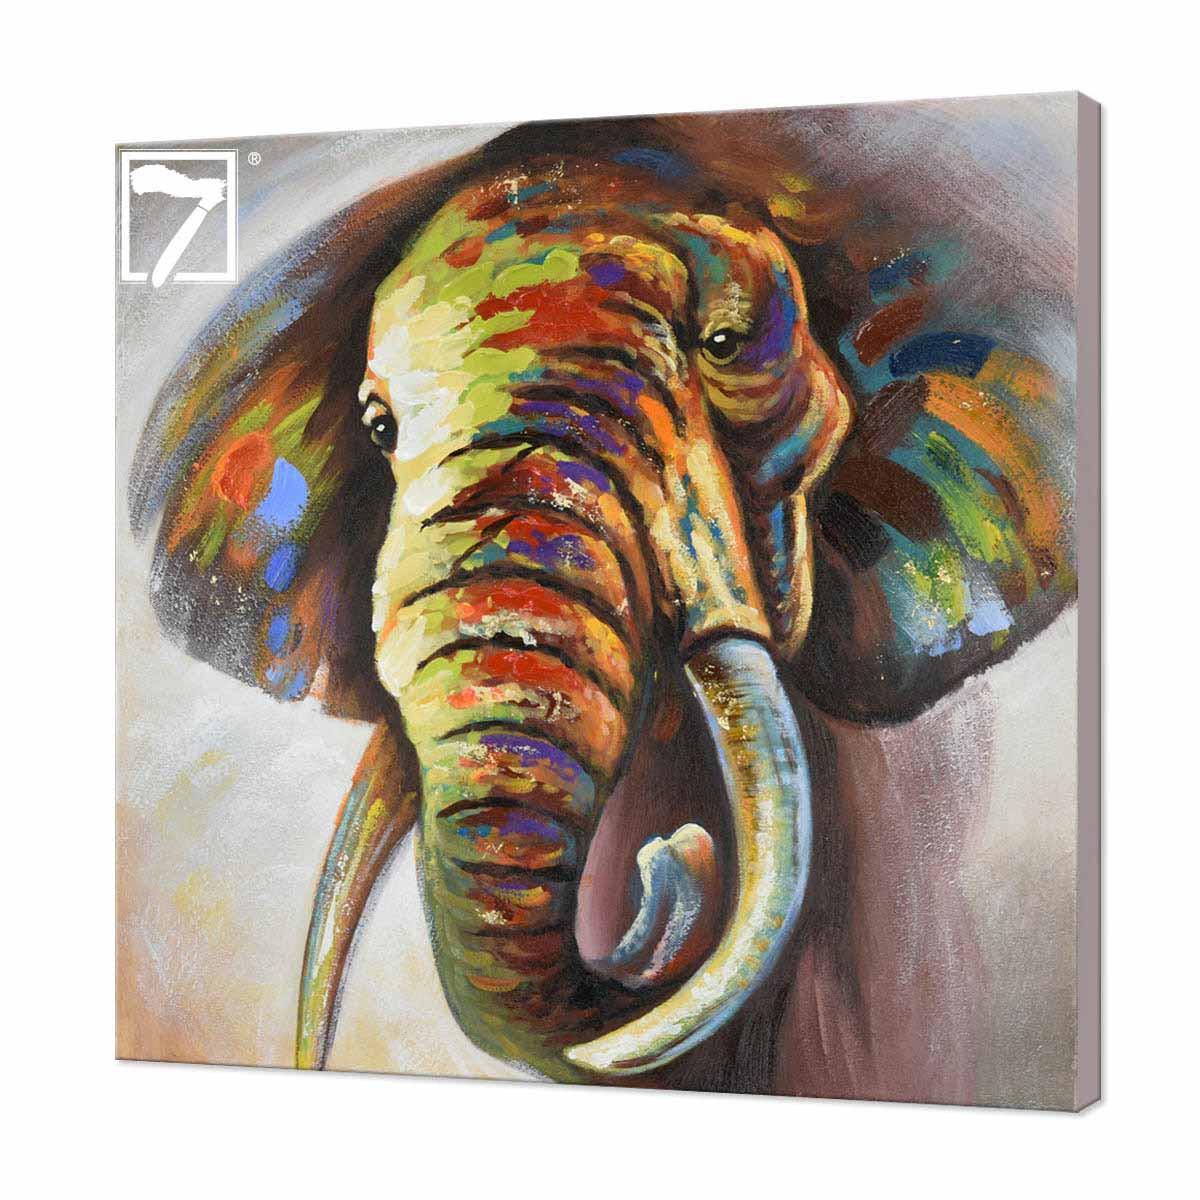 Comprar Handmade Elephant Painting arte da parede,Handmade Elephant Painting arte da parede Preço,Handmade Elephant Painting arte da parede   Marcas,Handmade Elephant Painting arte da parede Fabricante,Handmade Elephant Painting arte da parede Mercado,Handmade Elephant Painting arte da parede Companhia,